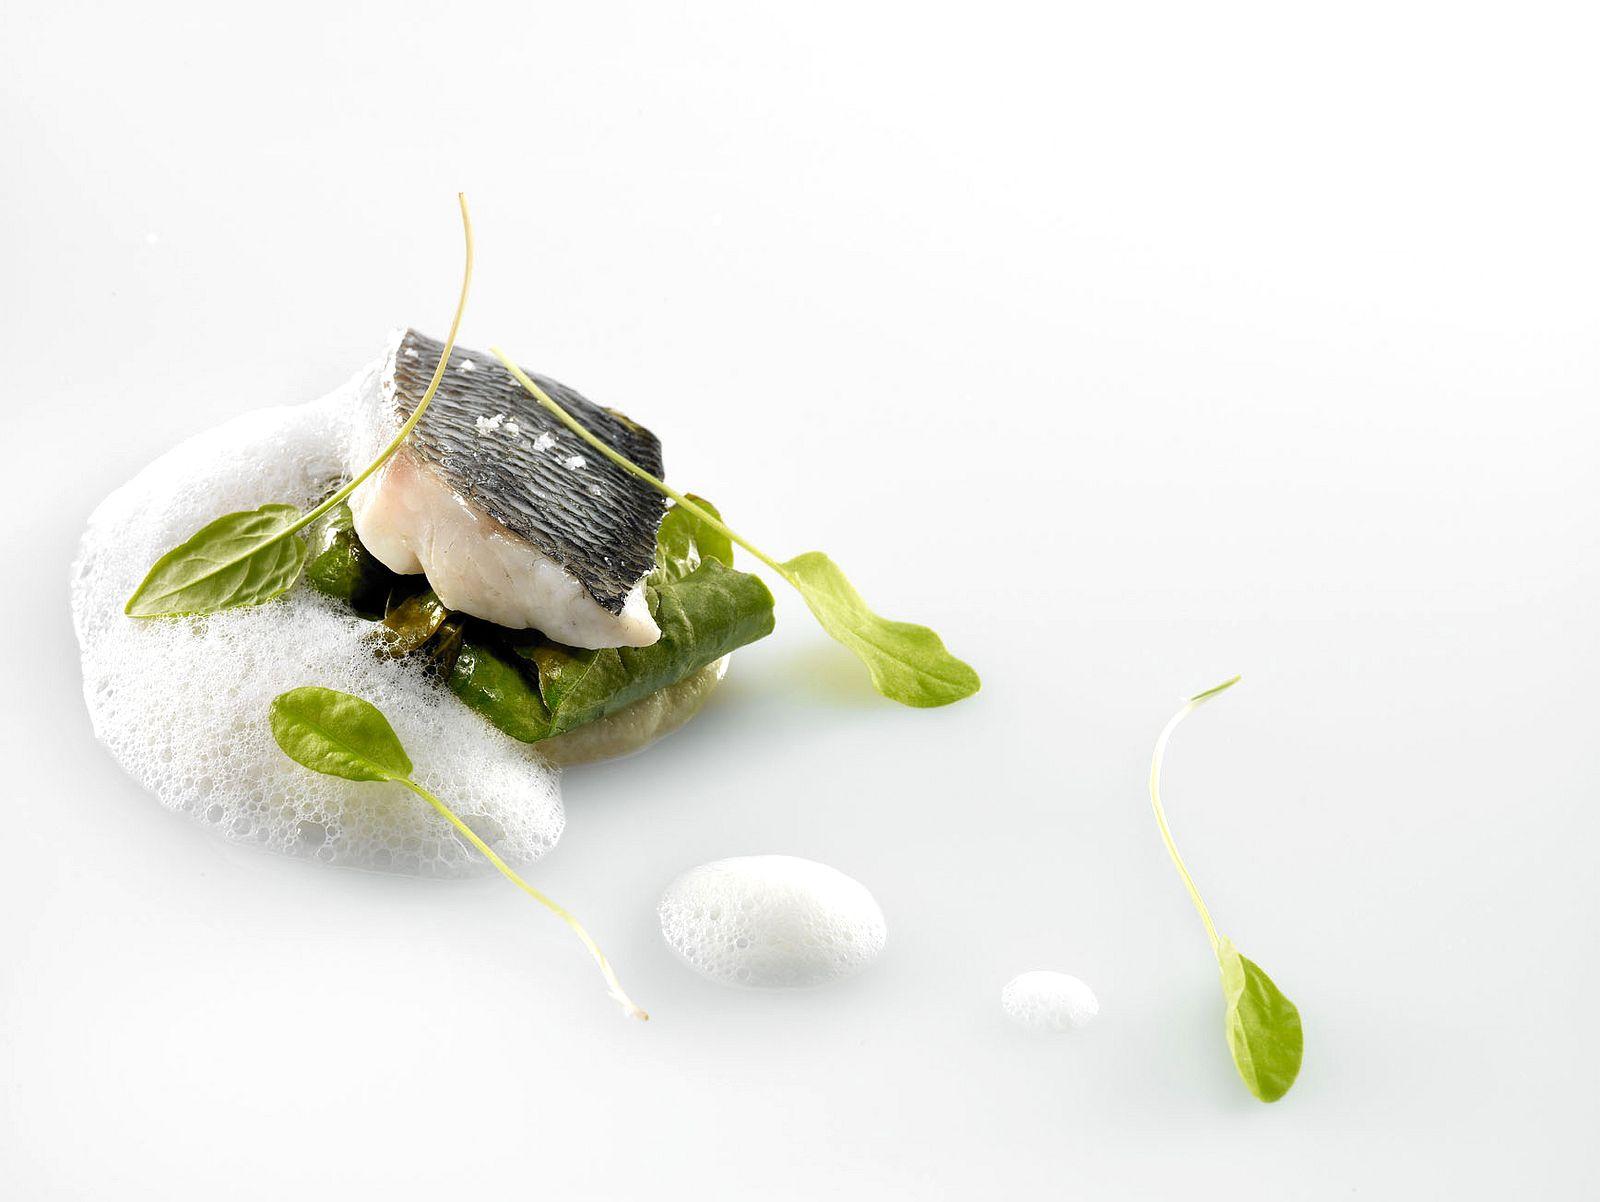 35dbd53315fdd0bc23d37e1912f379c9 - Ricette Gourmet